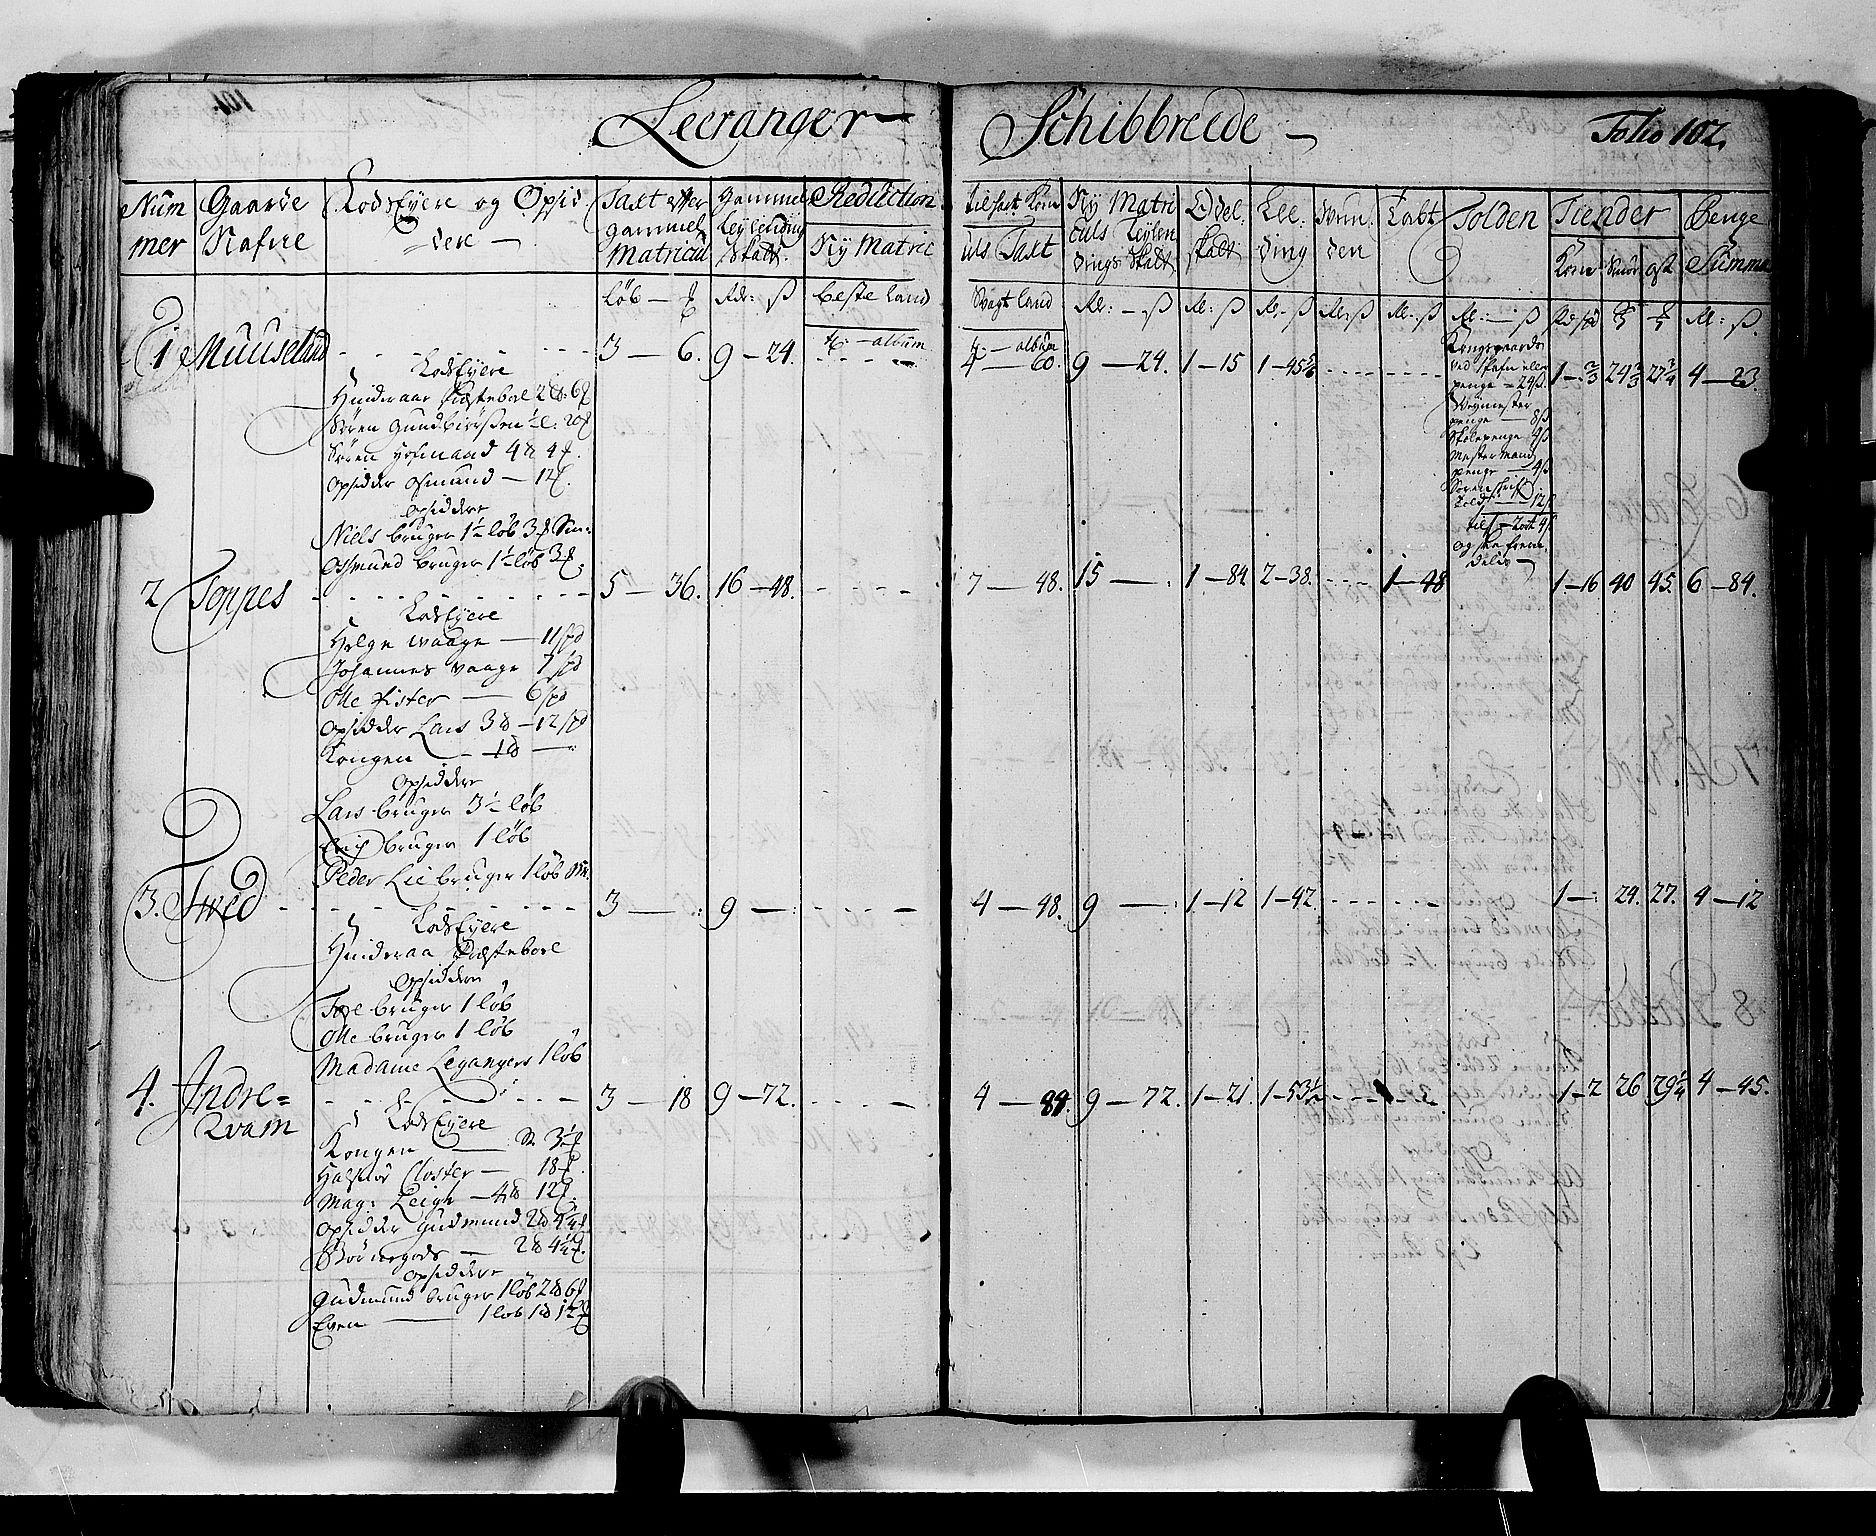 RA, Rentekammeret inntil 1814, Realistisk ordnet avdeling, N/Nb/Nbf/L0133b: Ryfylke matrikkelprotokoll, 1723, s. 101b-102a